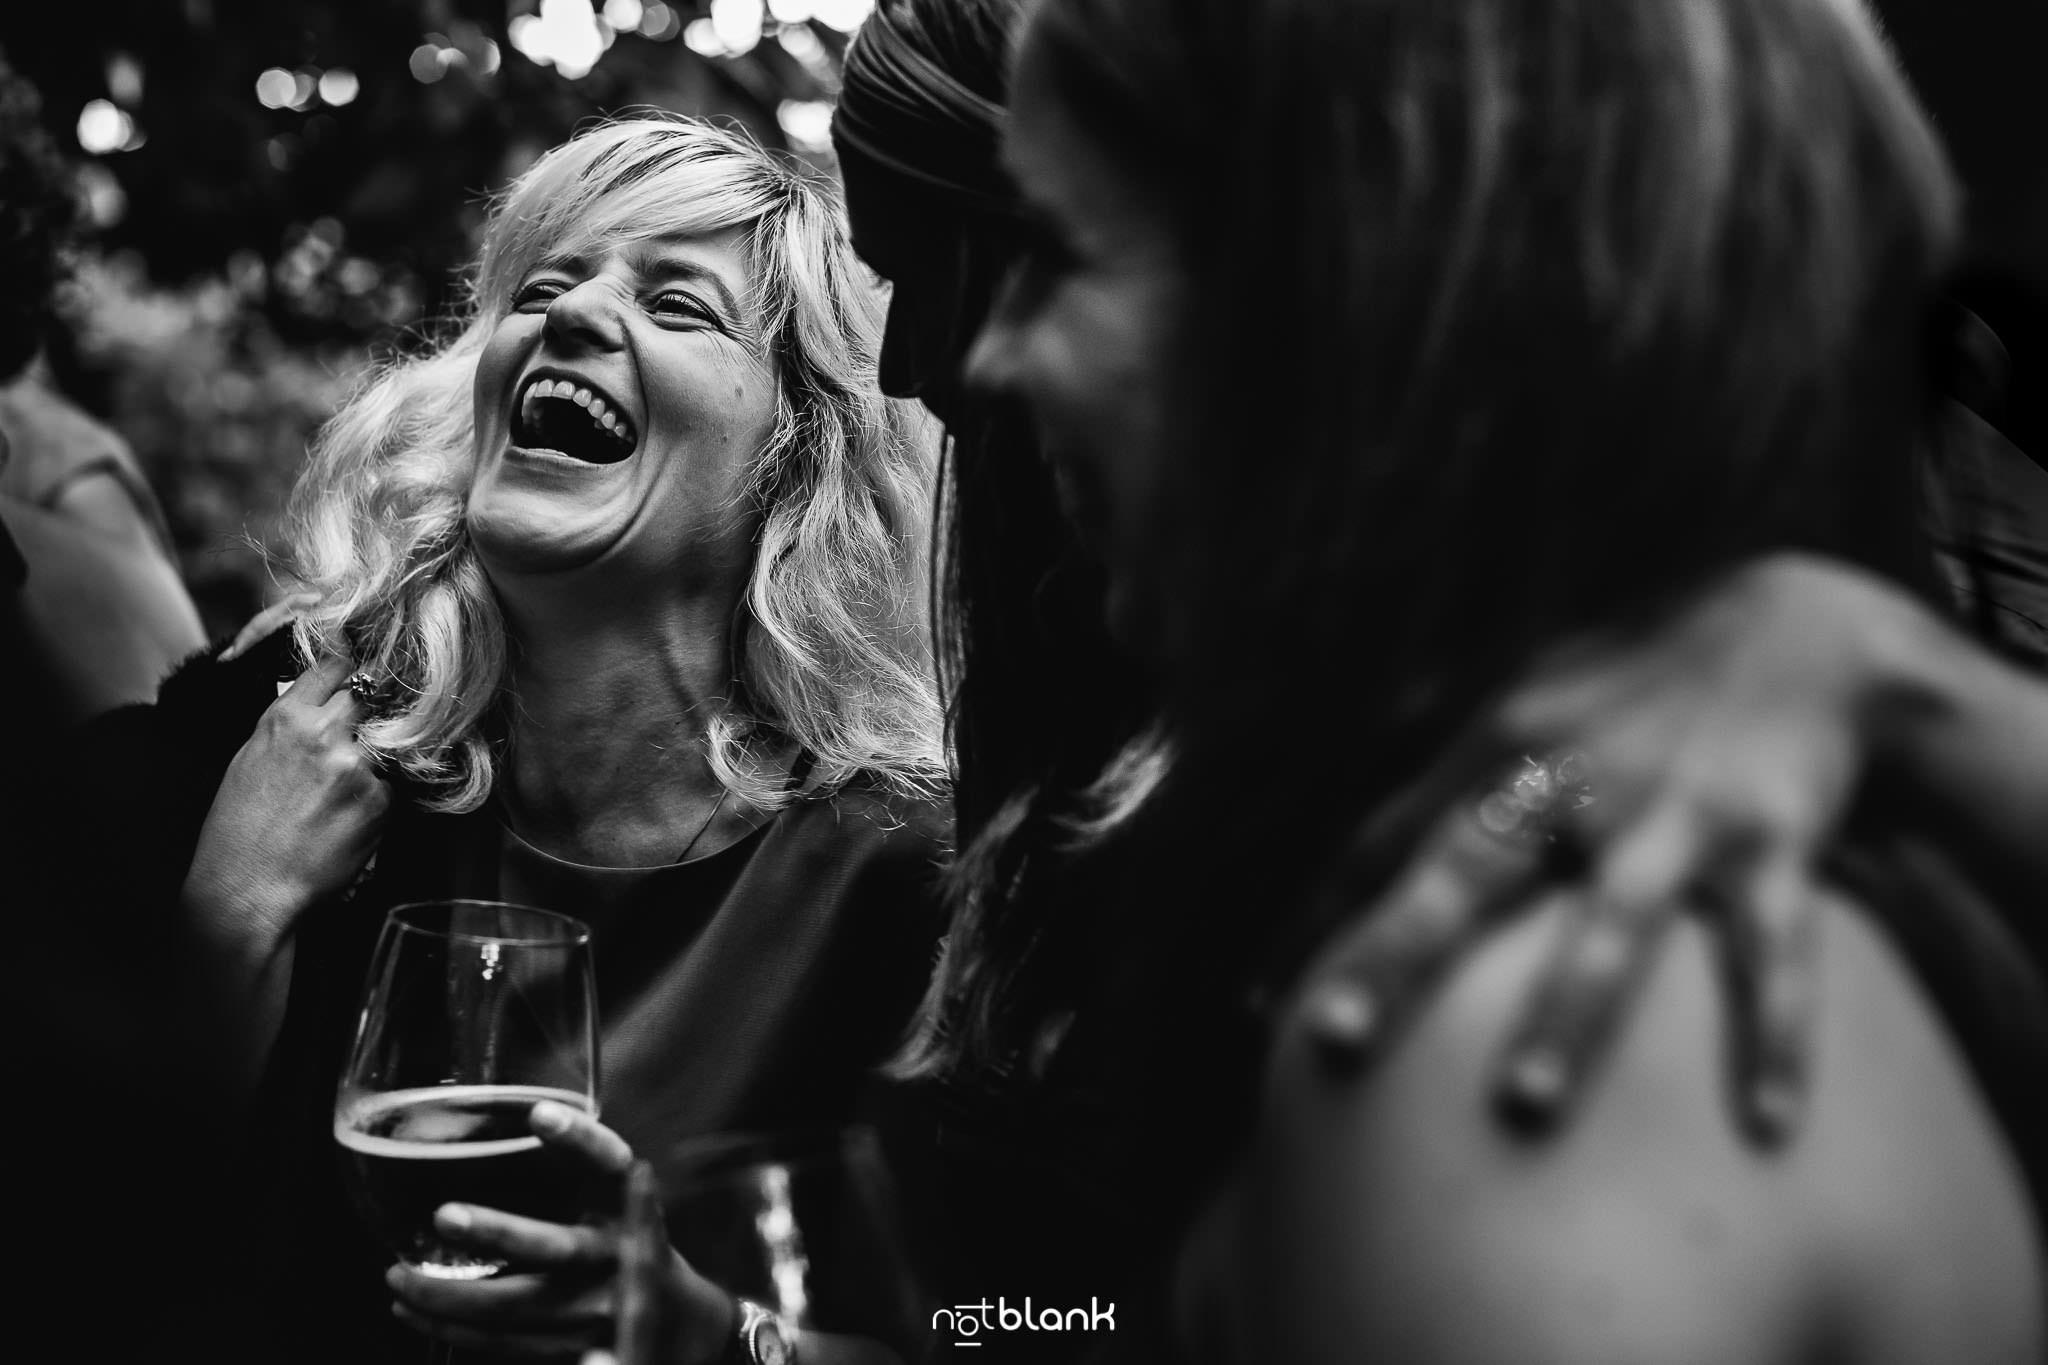 Boda En El Jardin De Casa Jana y Fran - Una invitada rie a carcajada limpia durante el cocktail de la boda civil - Notblank Fotografos de boda